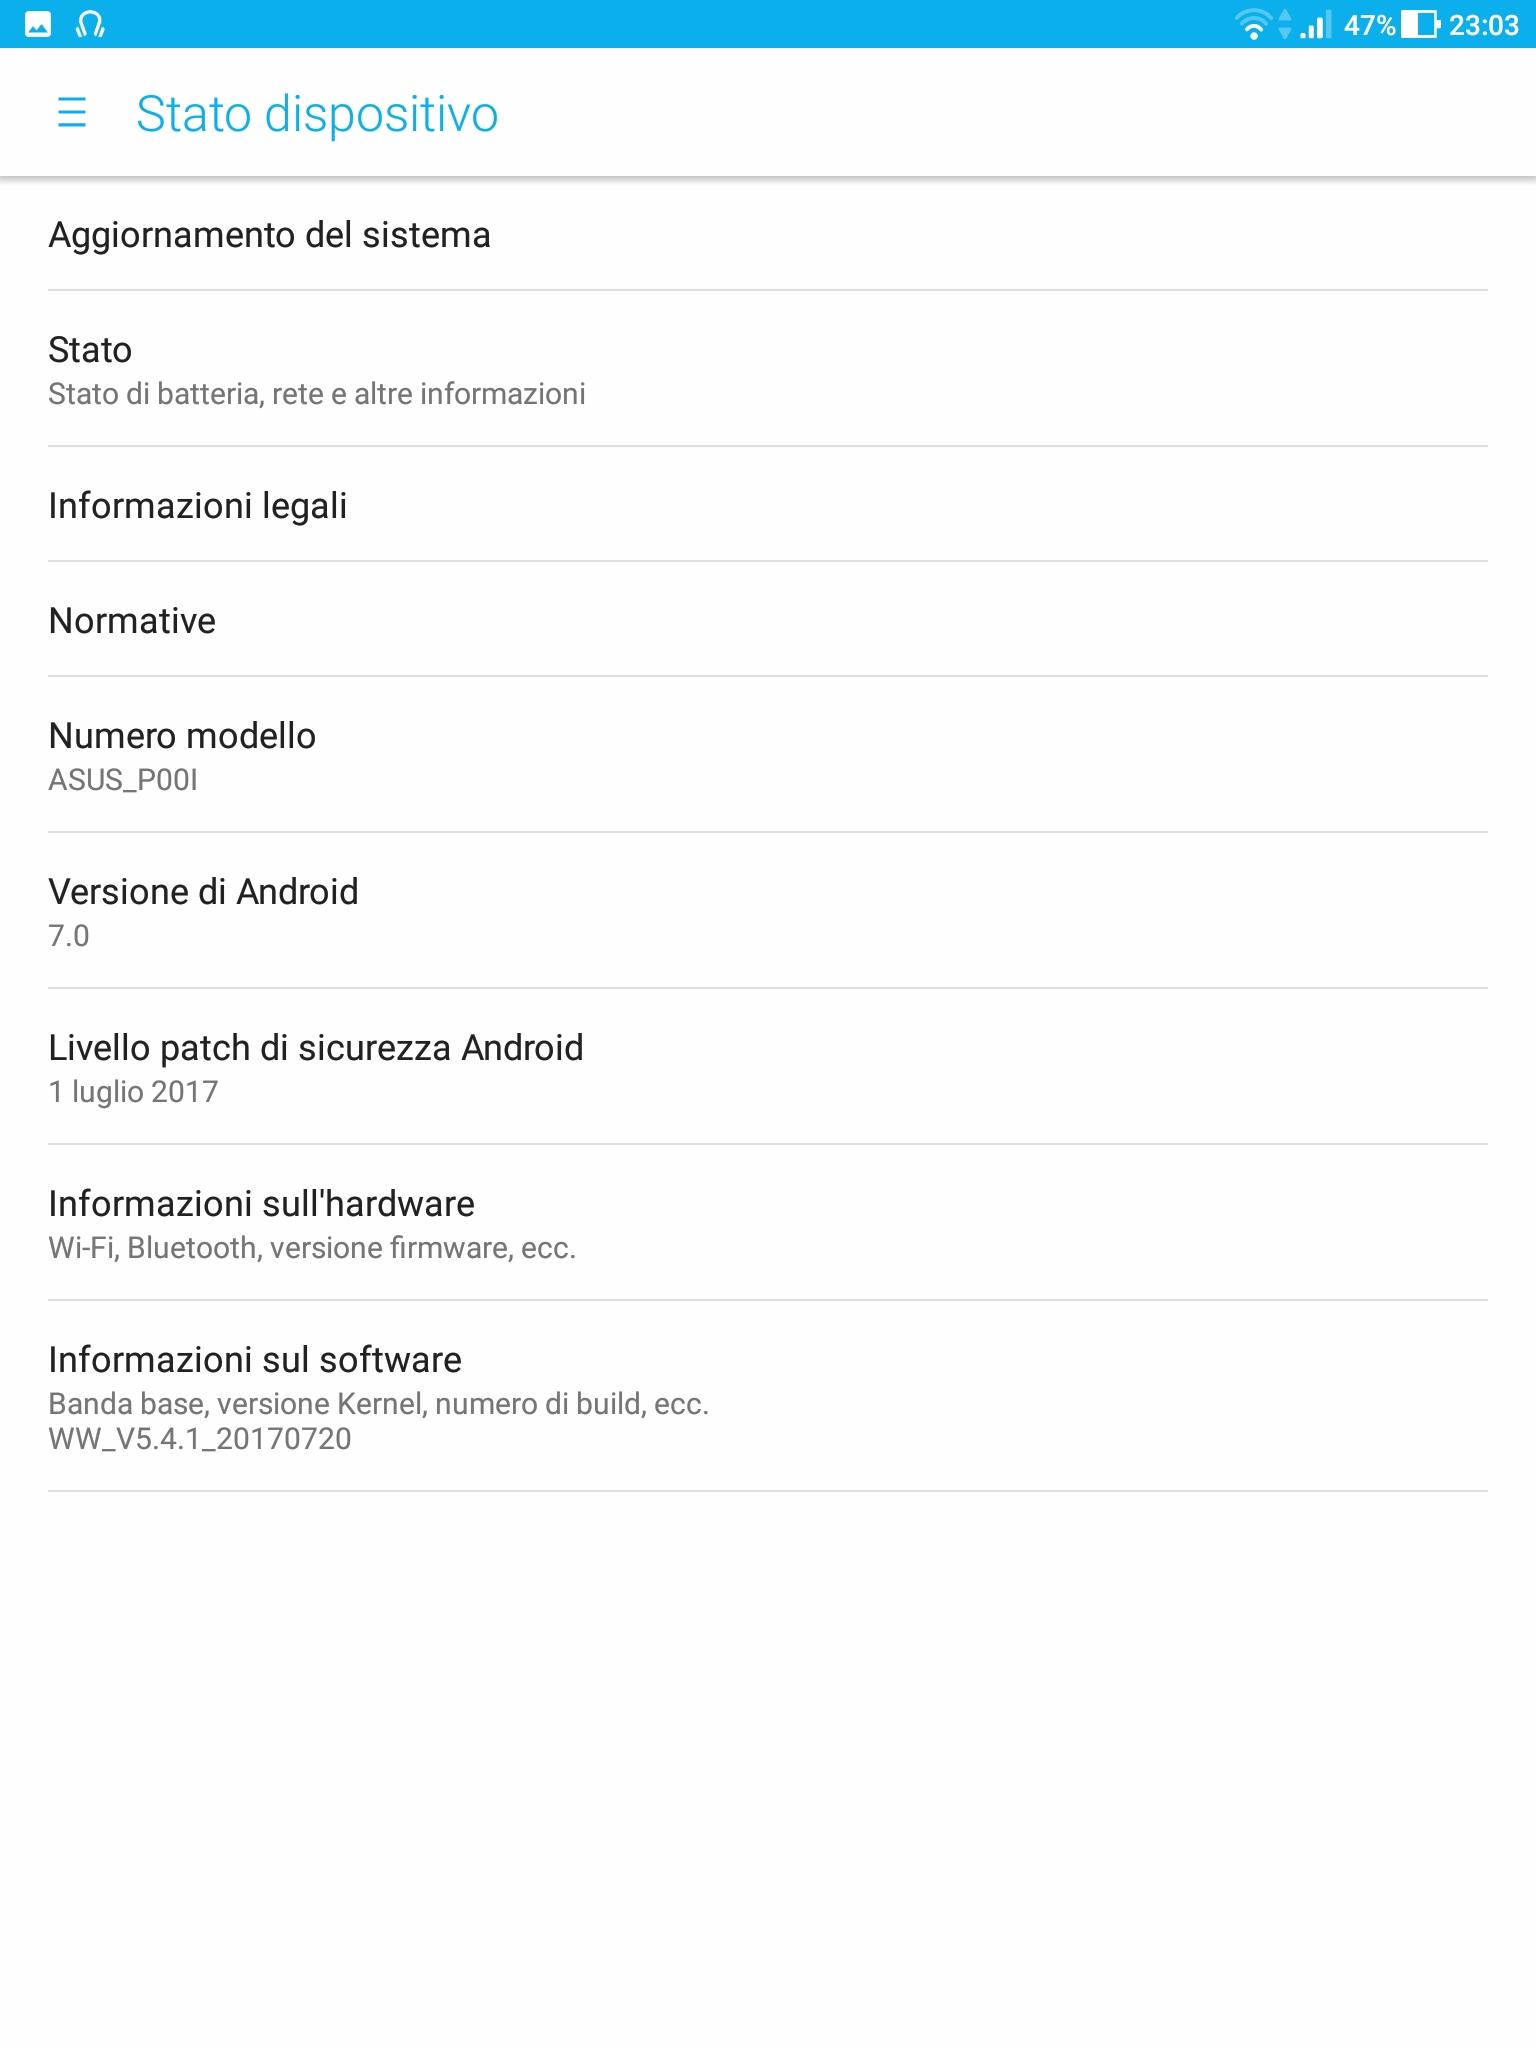 ASUS ZENPAD 3S 10 LTE 128GB